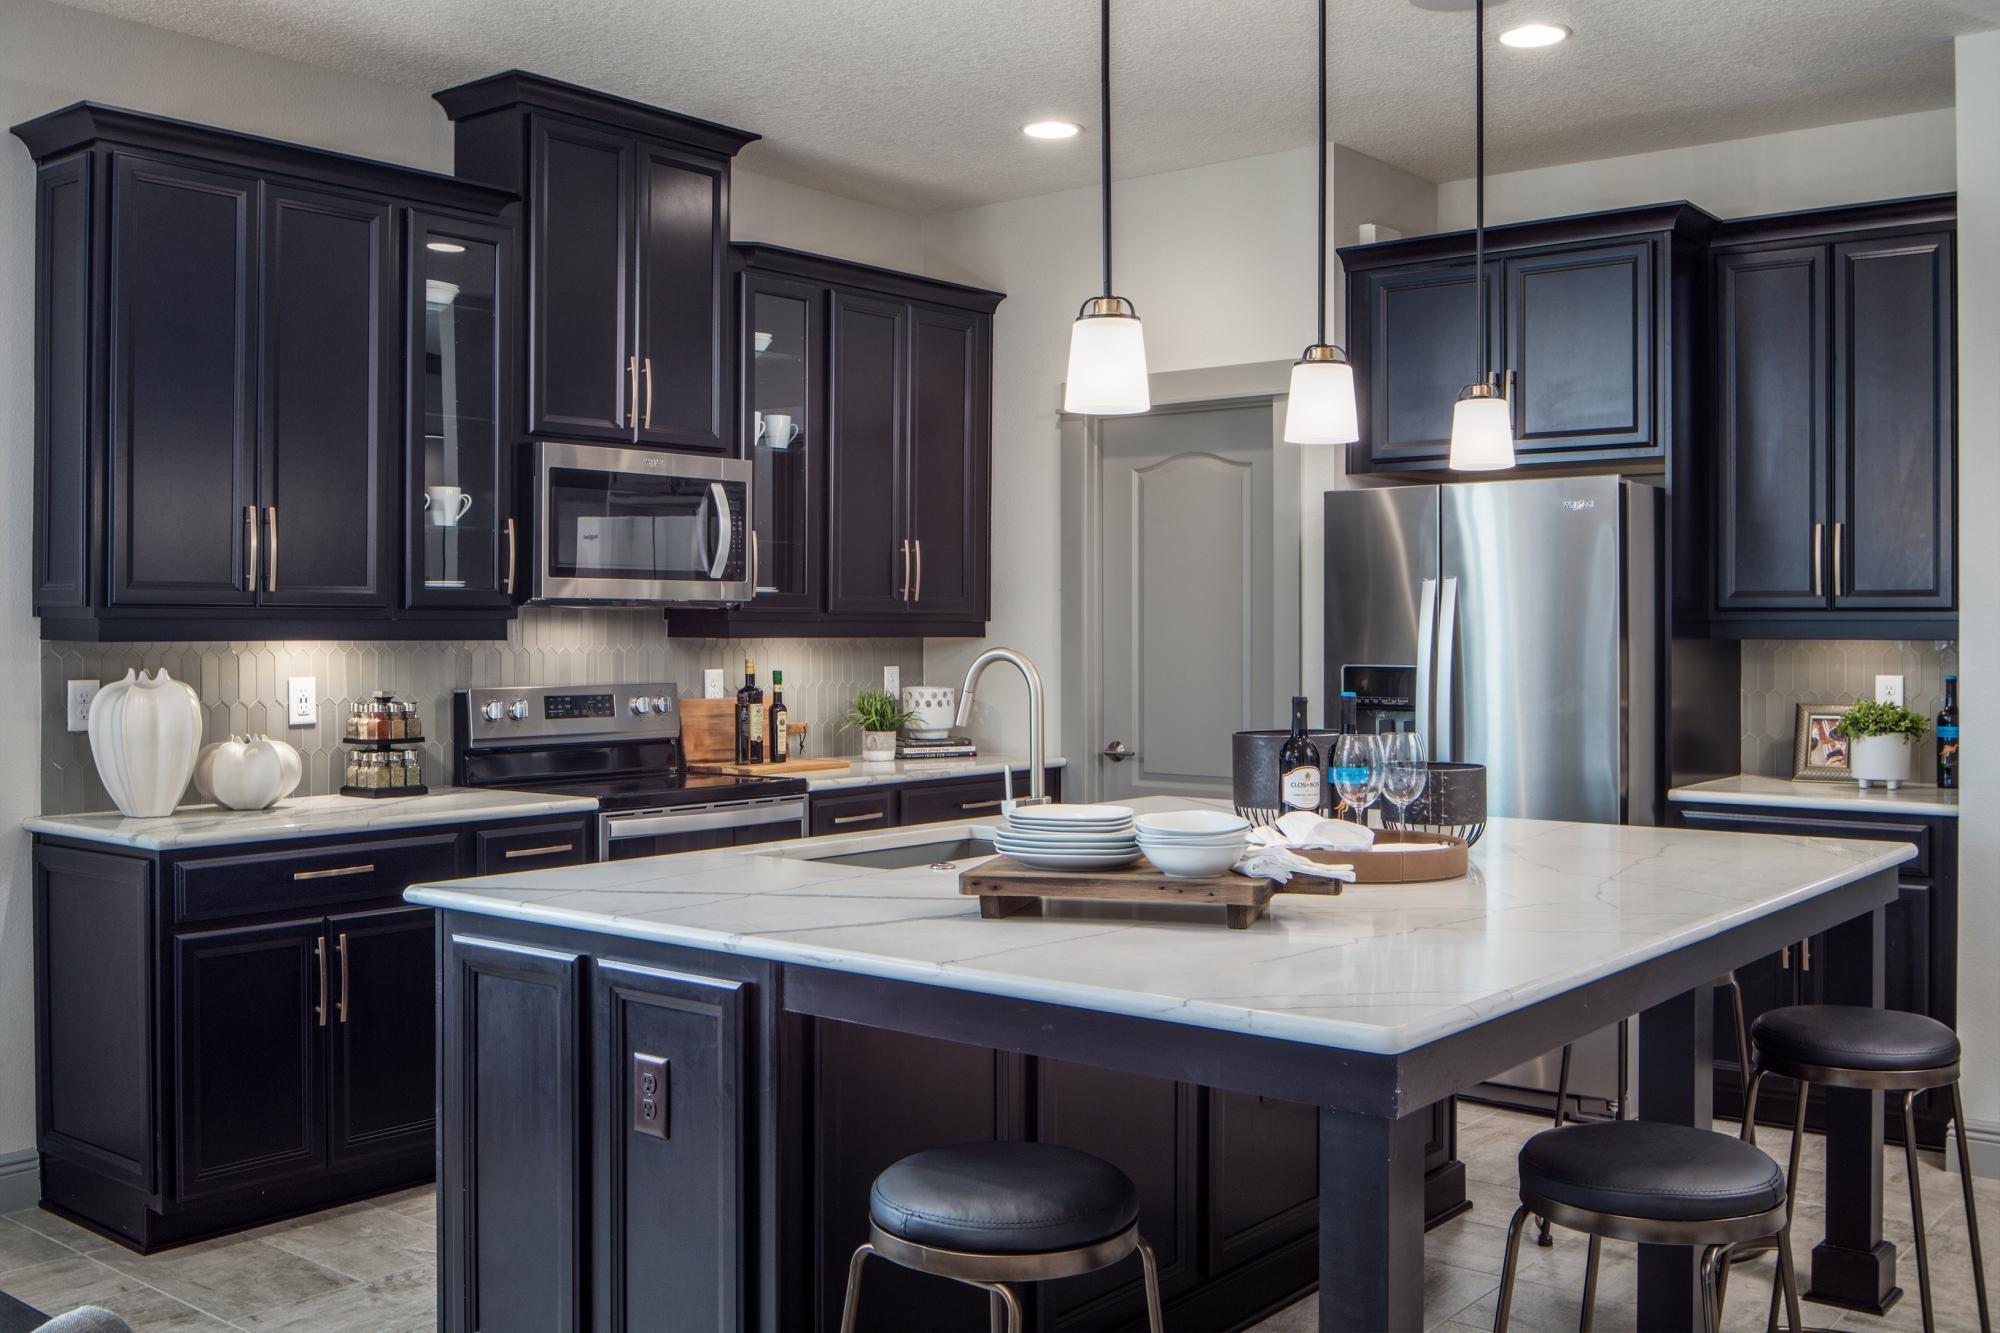 651676310226321_eola-kitchen.jpg